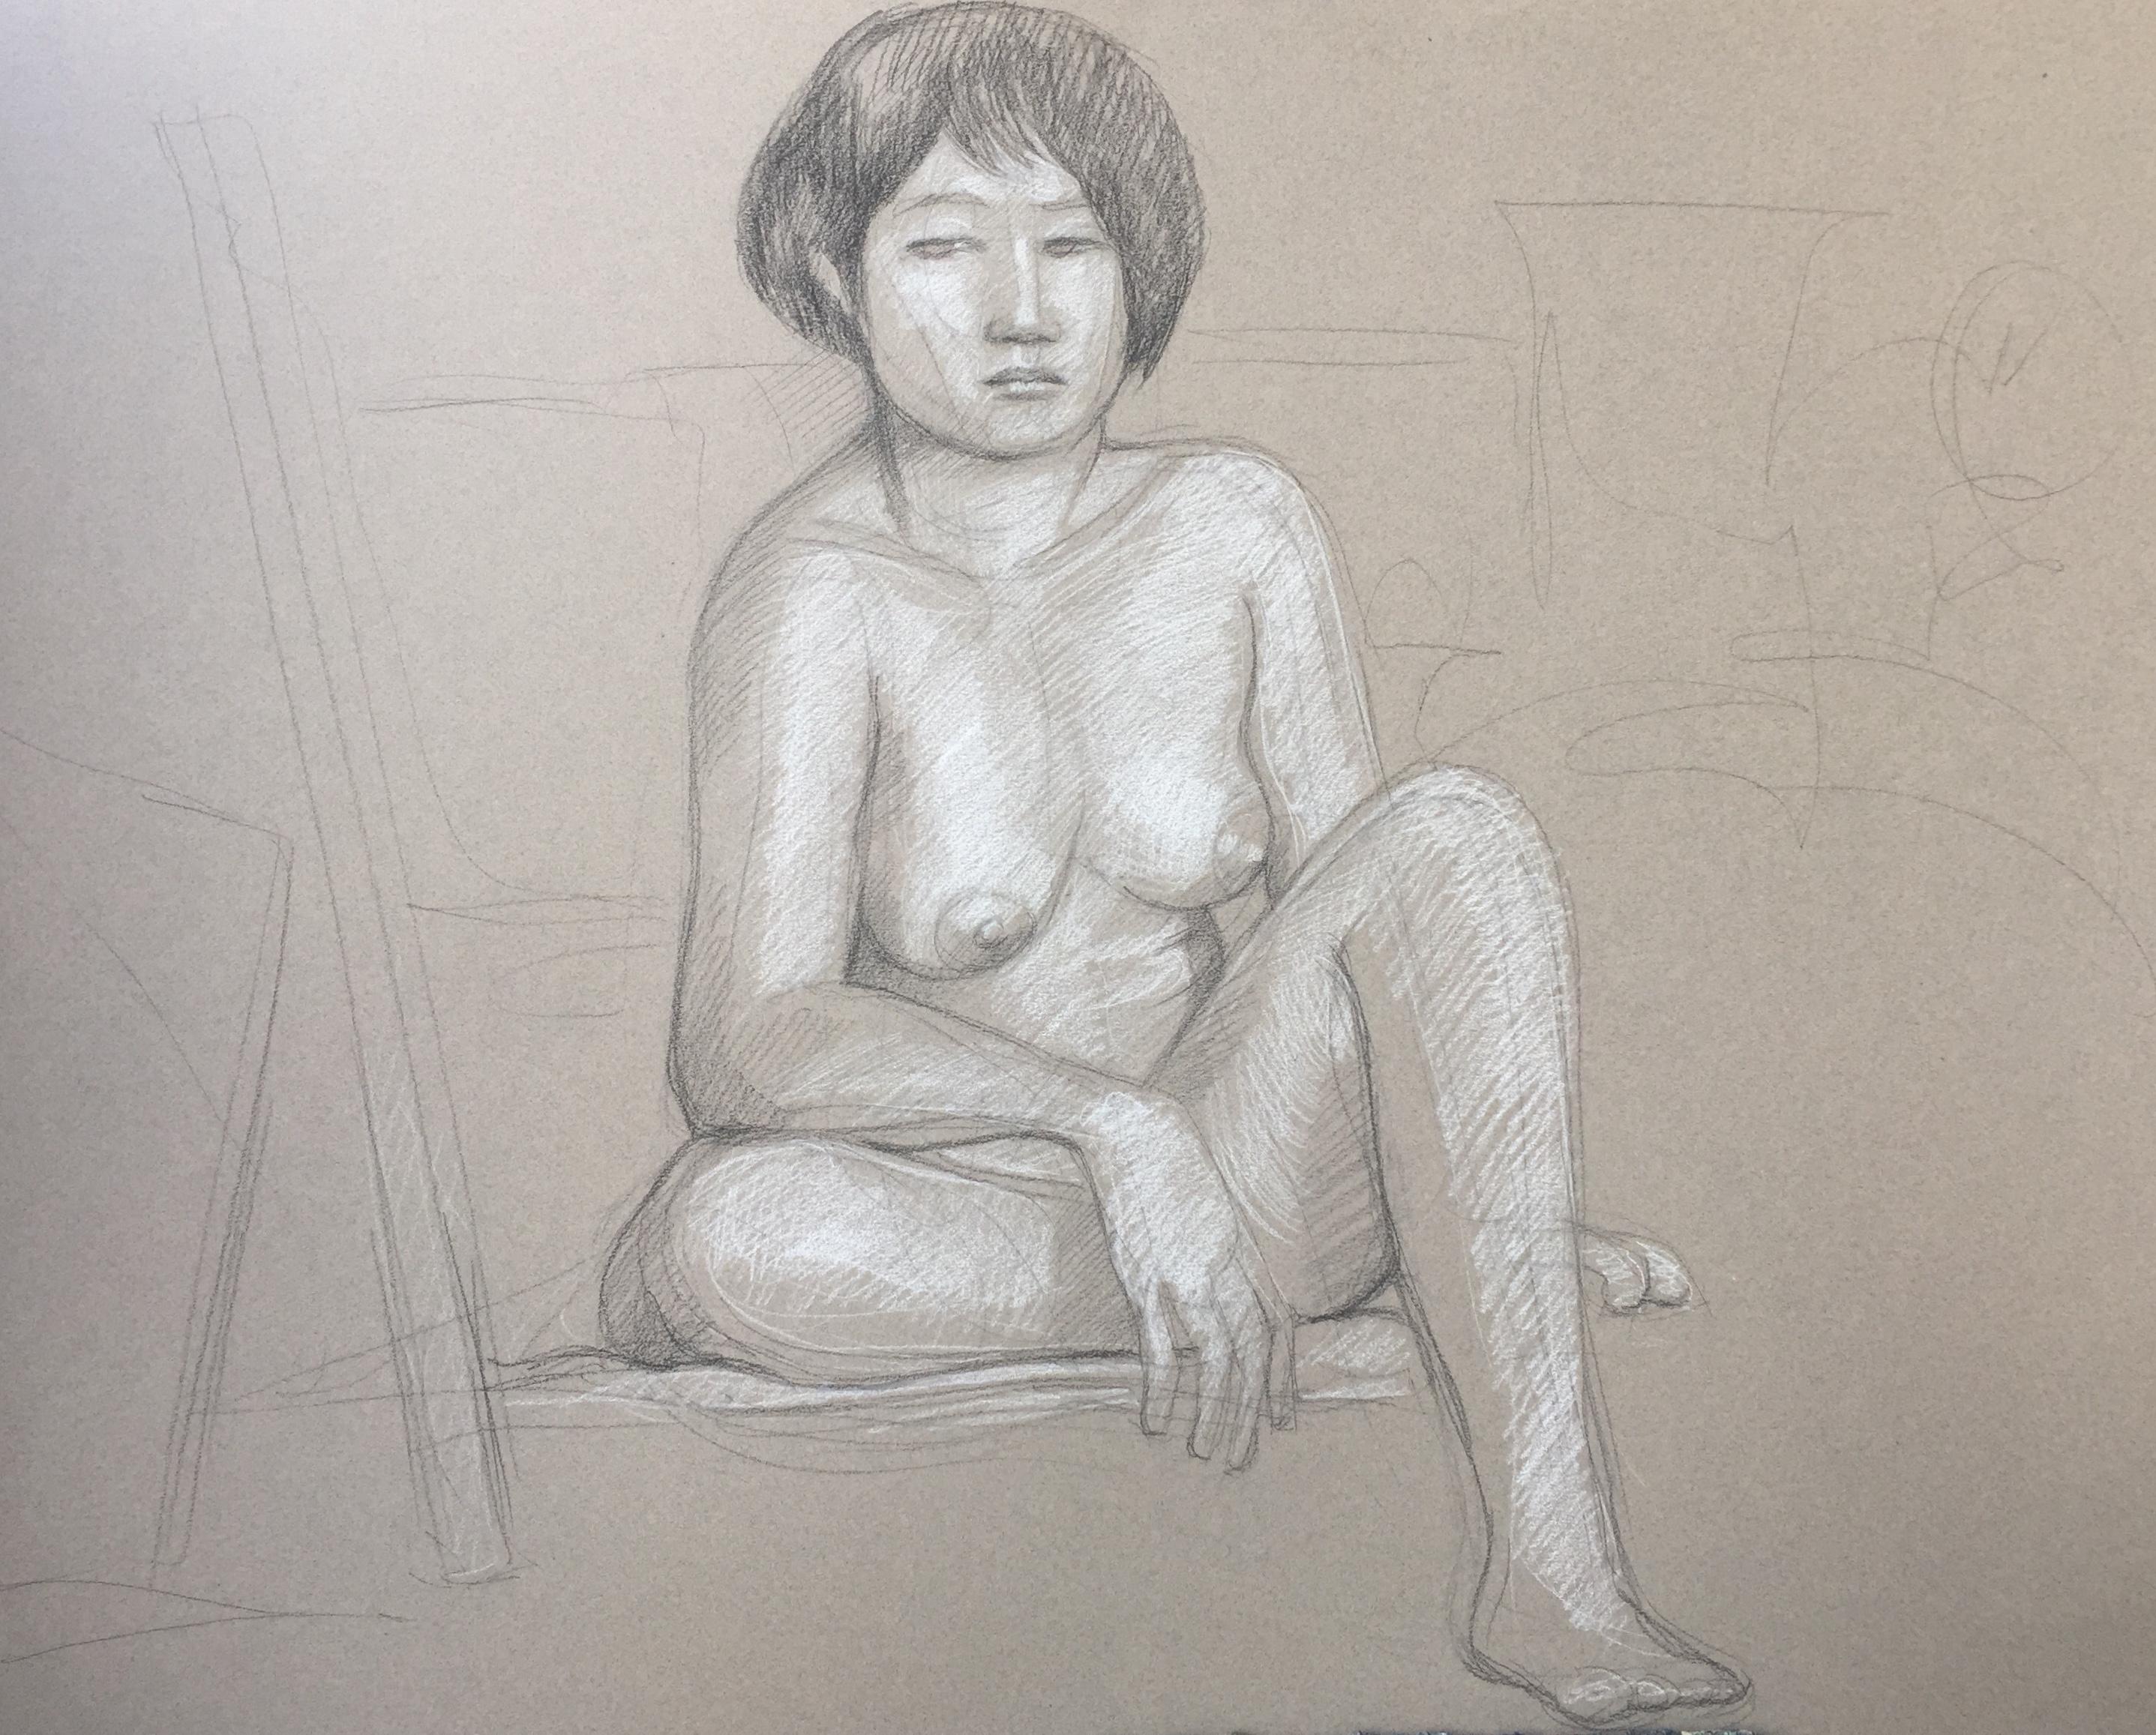 Modèle vivant 88 : pierre noire et crayon blanc